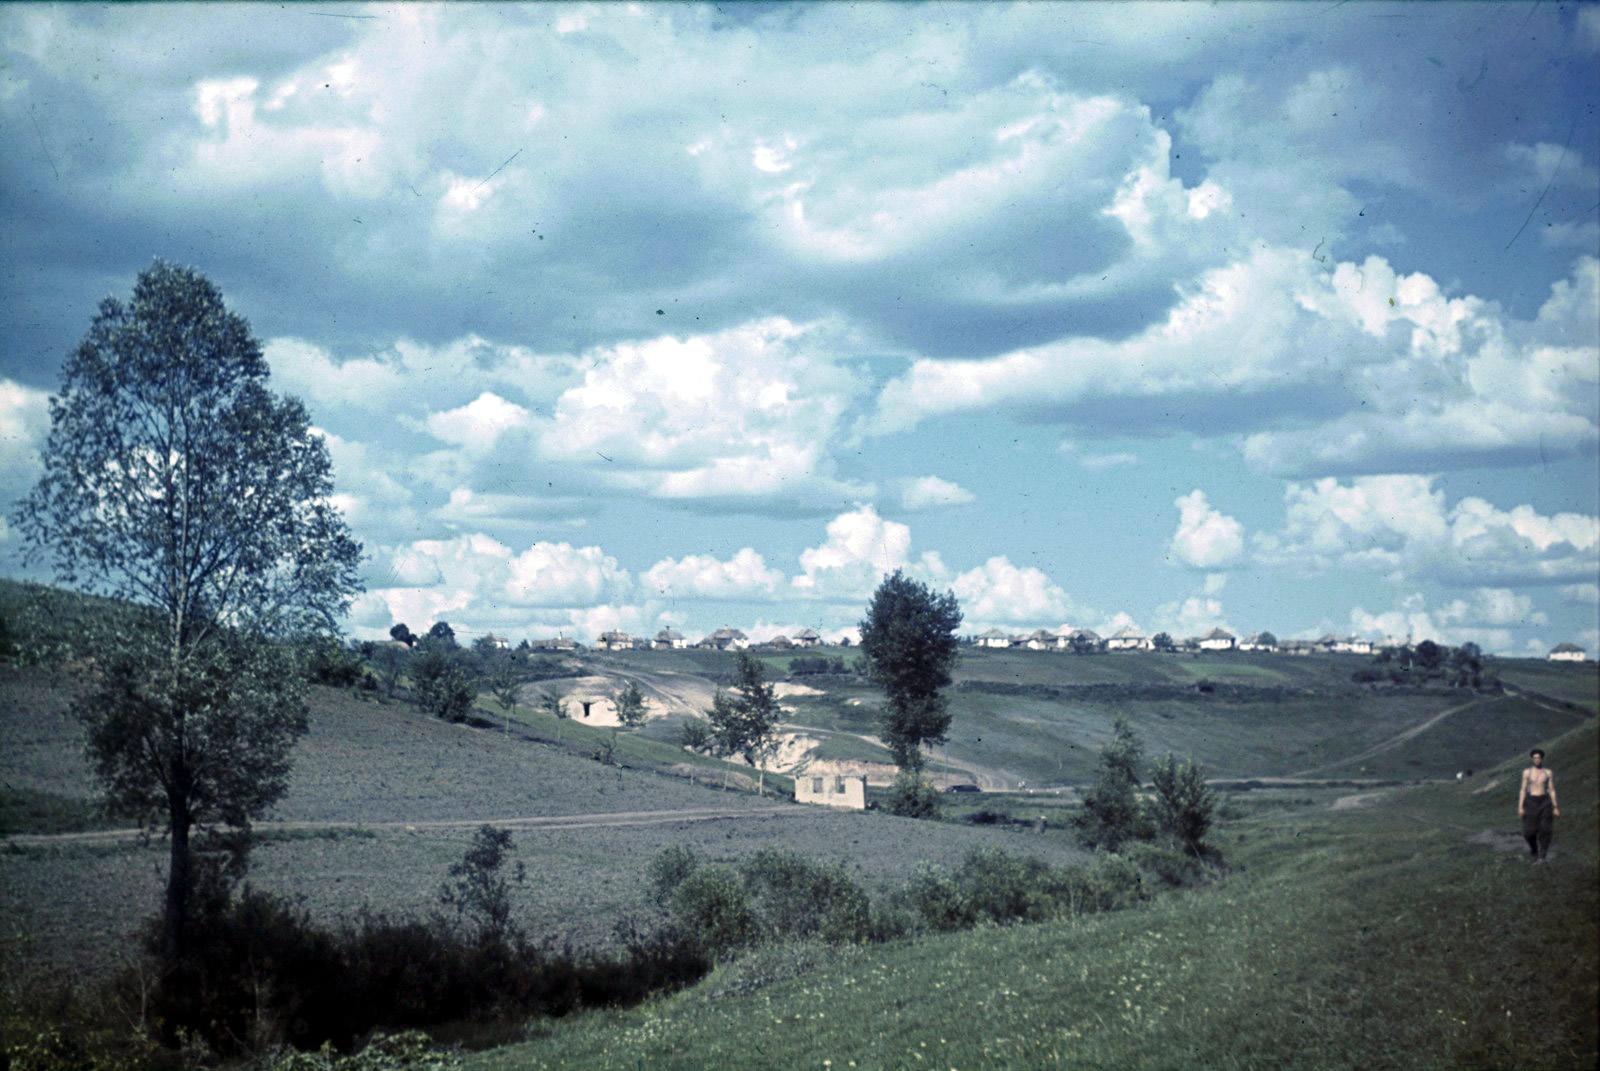 архивные фото деревни дизьмино неплохо сказываются